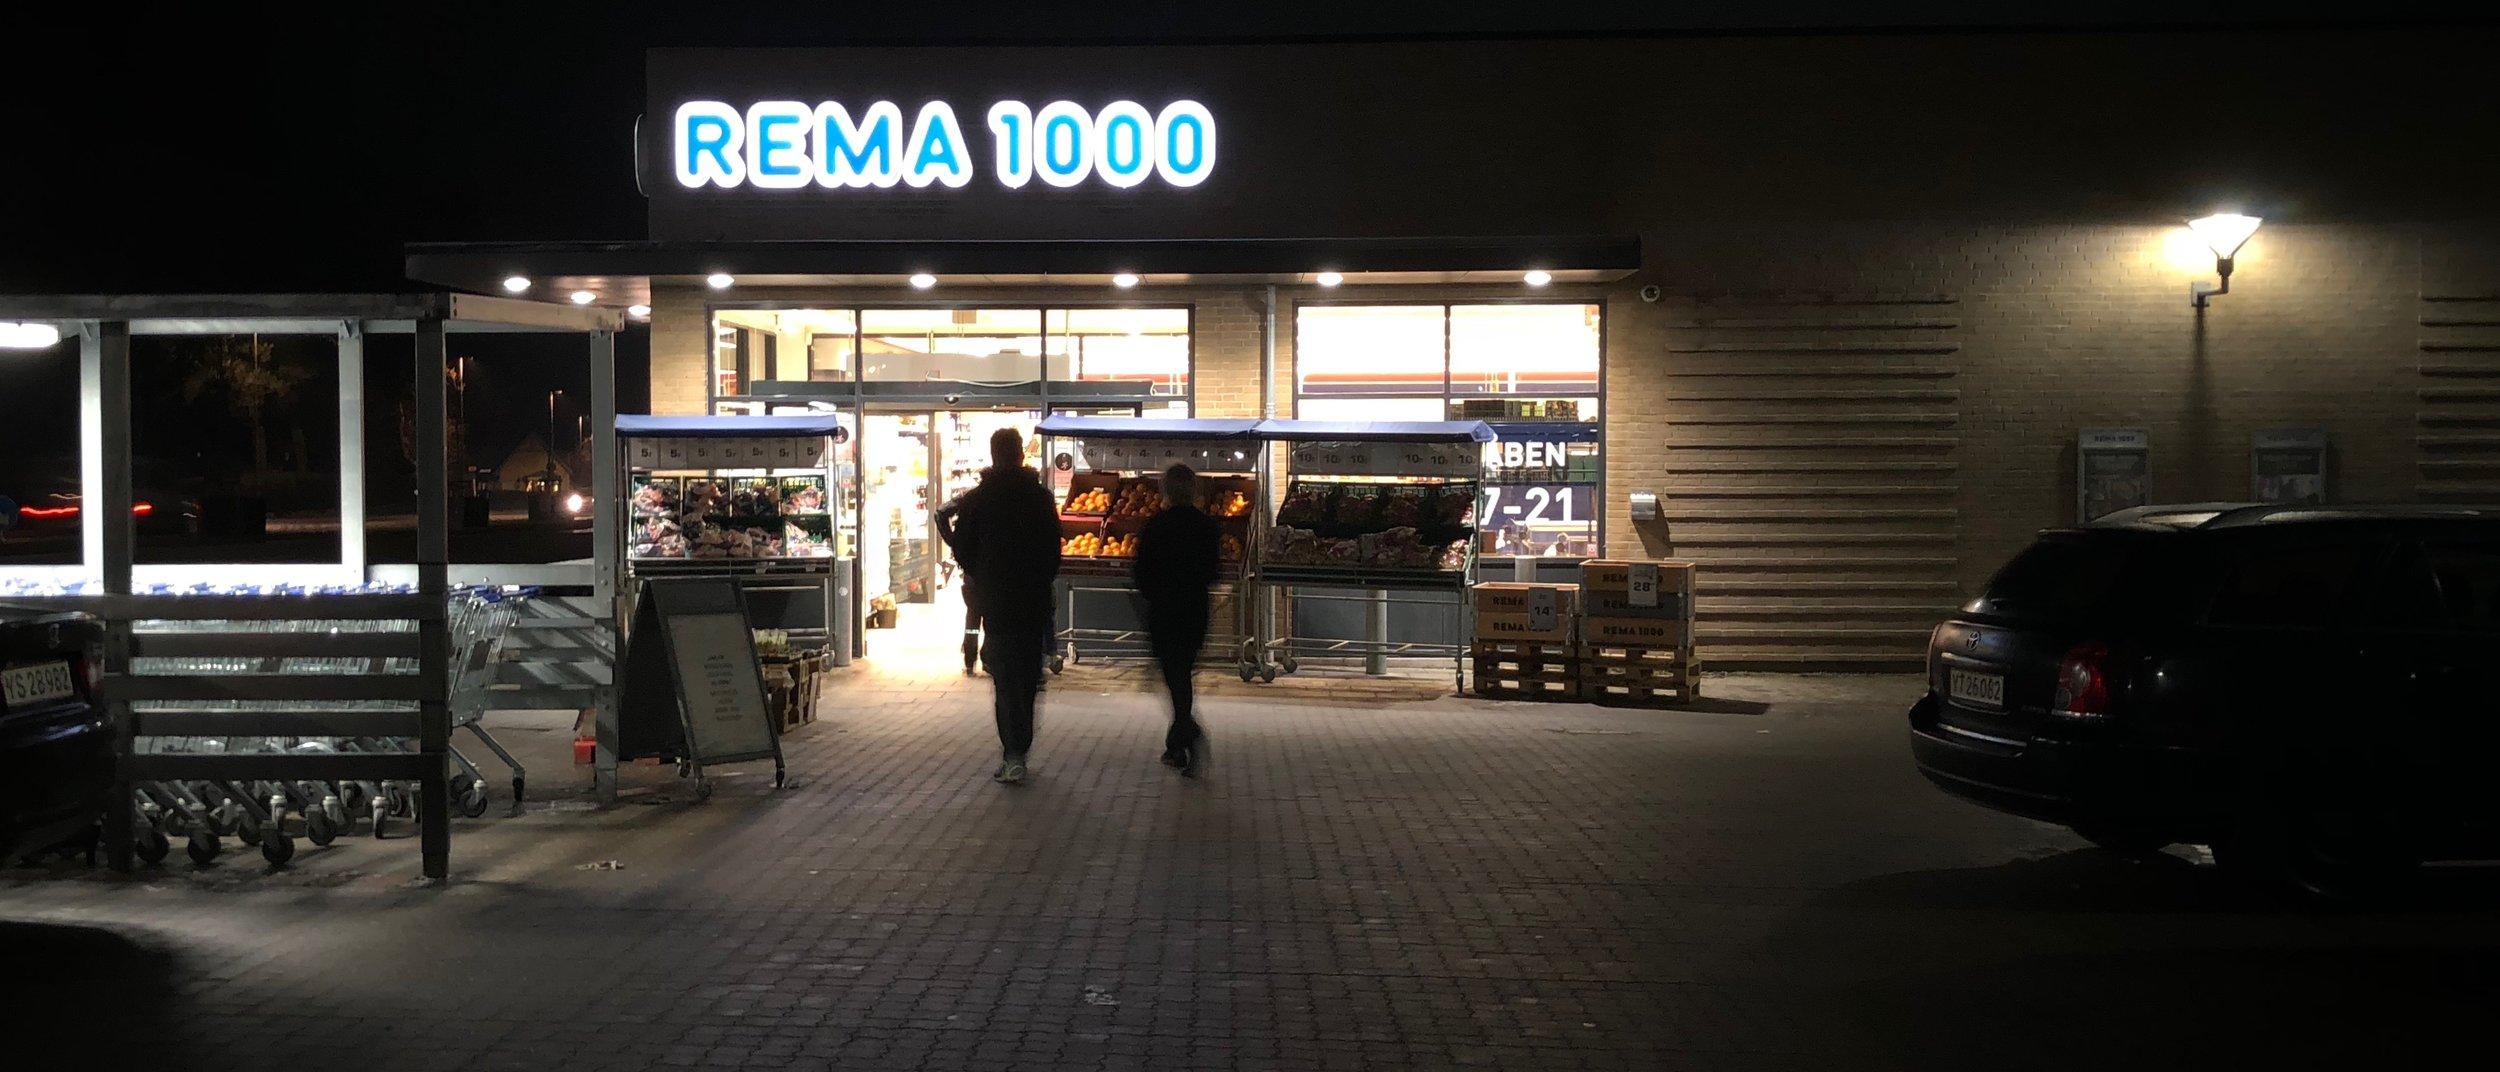 Tre mænd truede i Rema 1000 med en pistol ved røveriet i går.   Politiet har allerede nu nogle gode spor at arbejde ud fra.  Foto:AOB